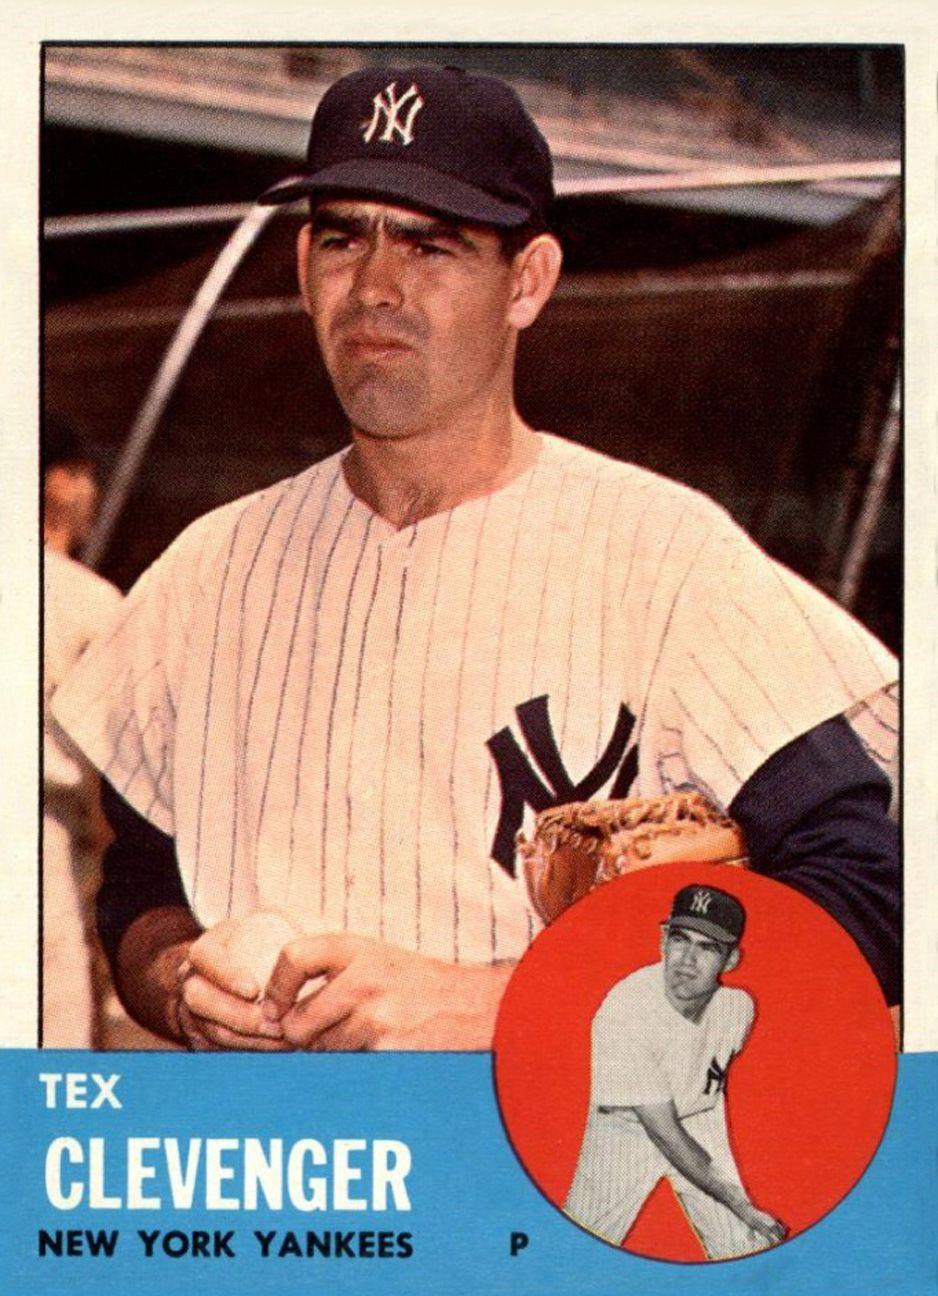 1963 Topps Tex Clevenger | Topps Baseball Cards | Baseball ...